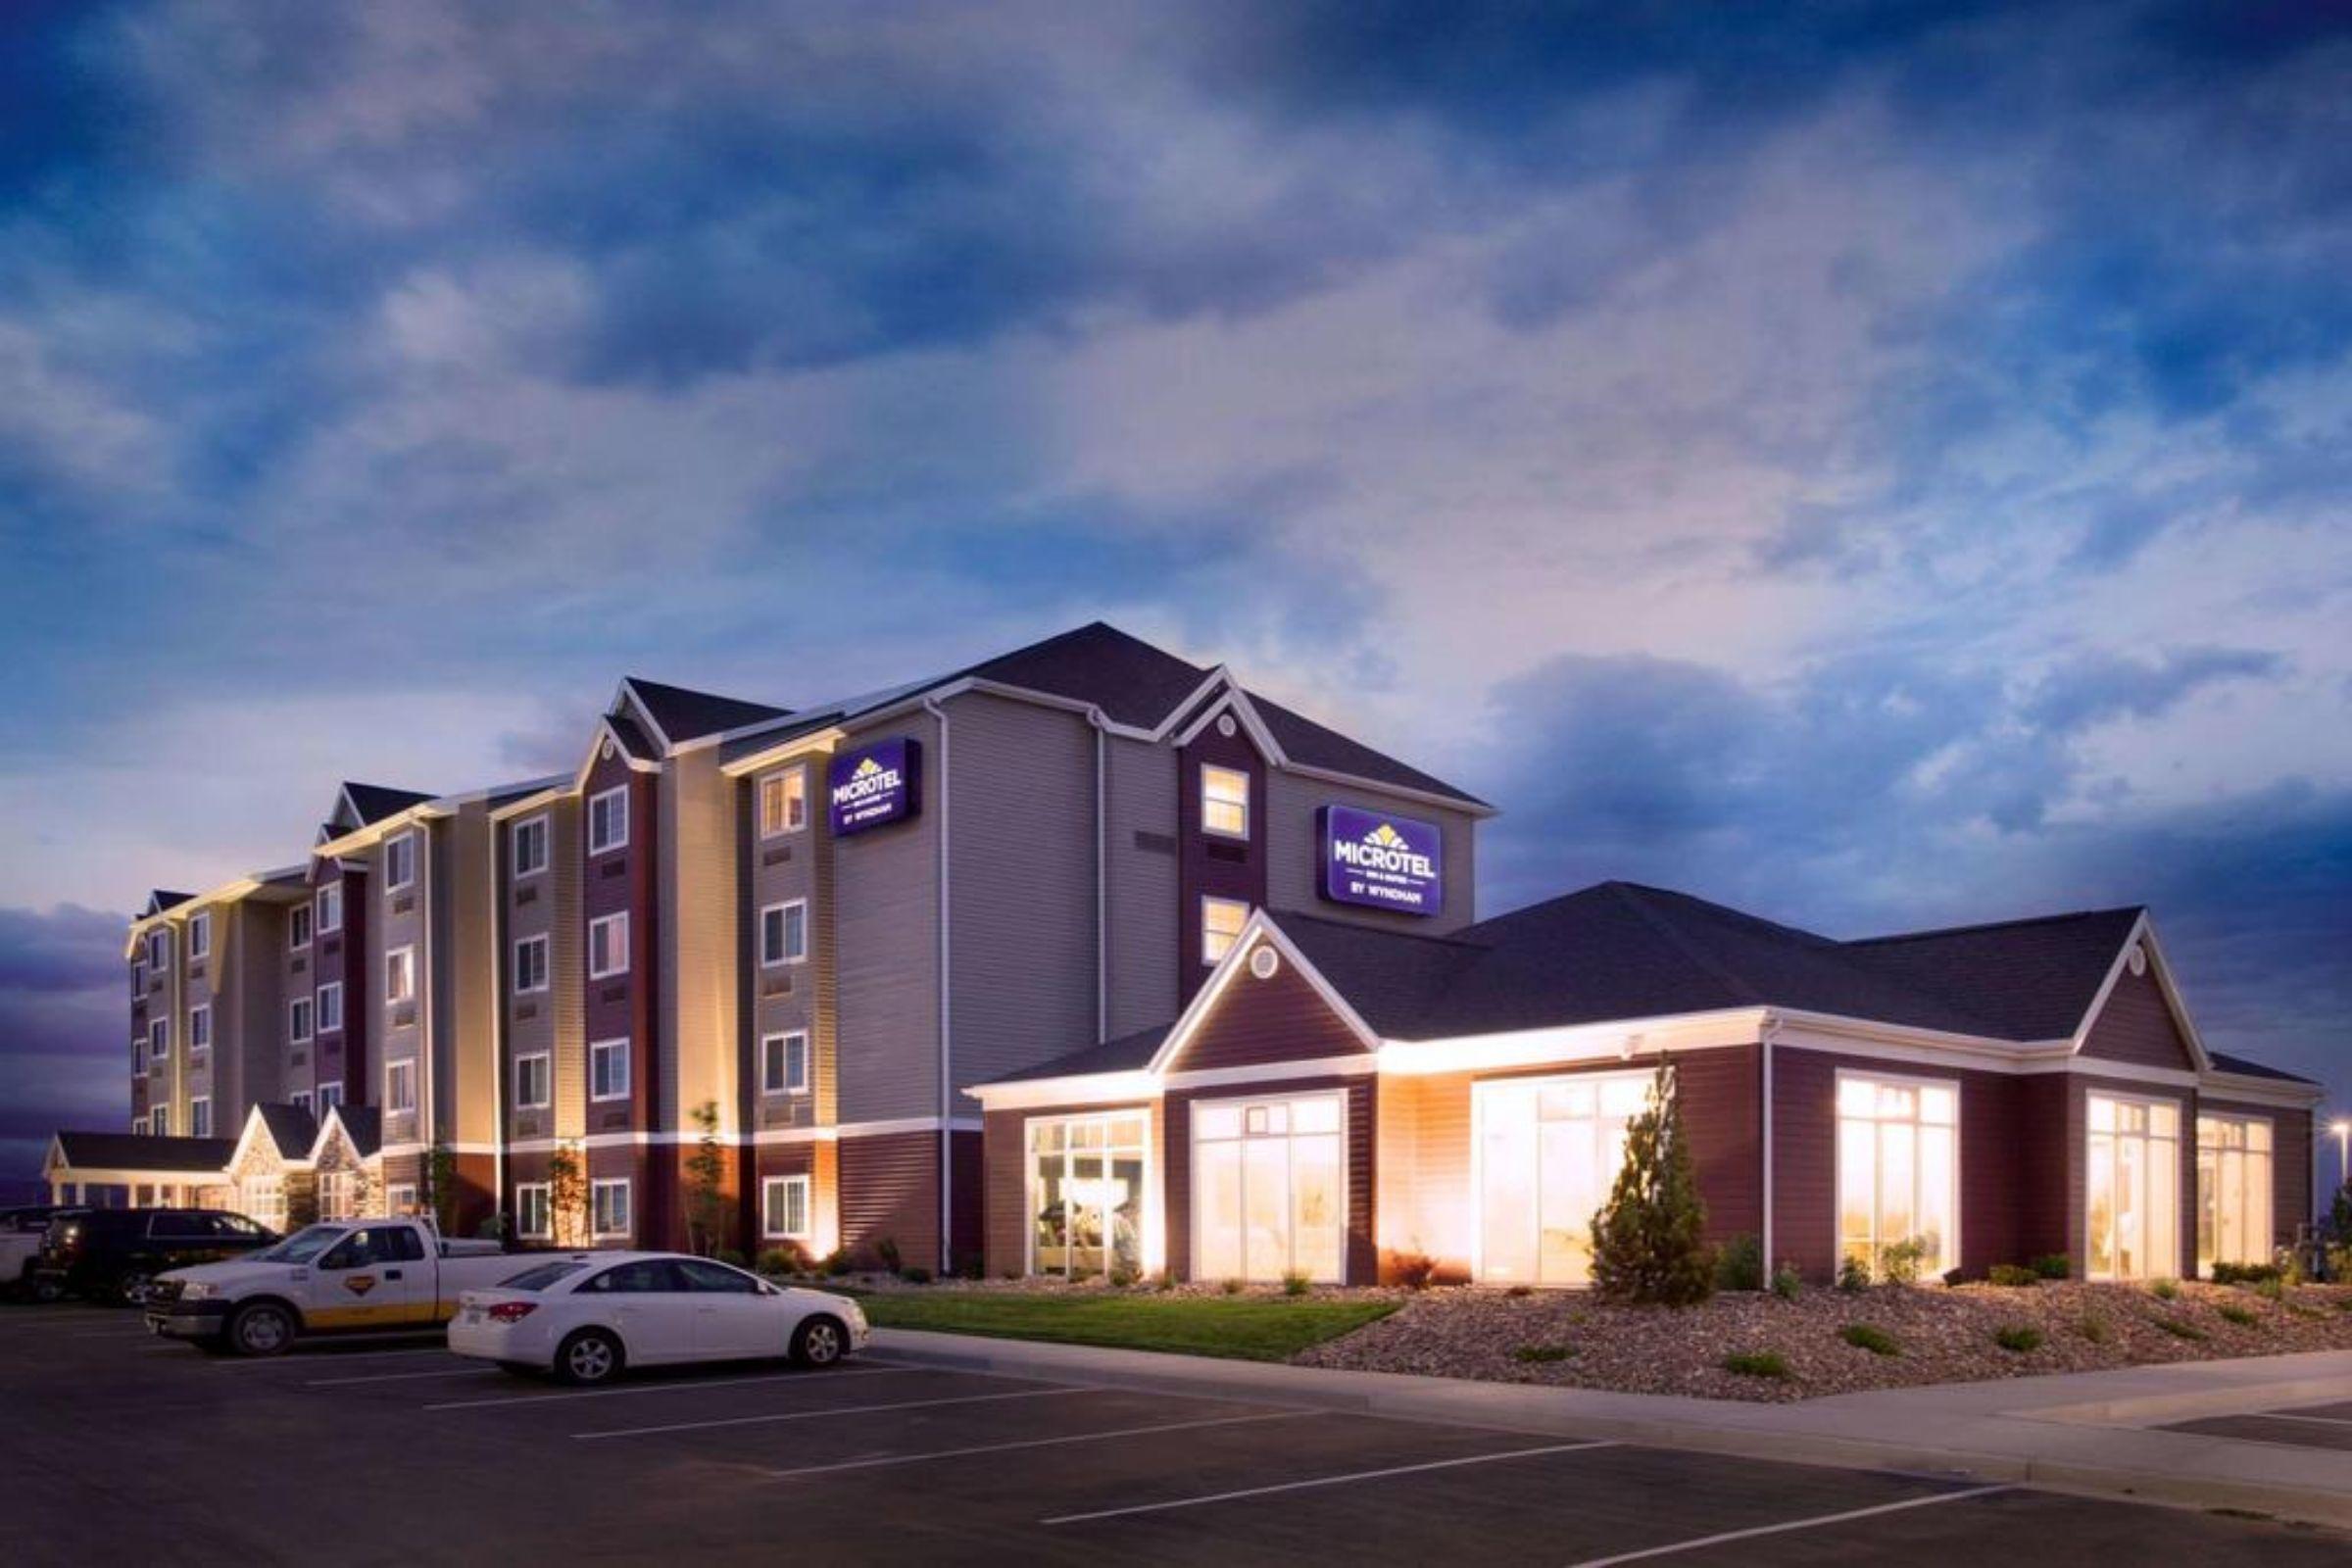 Microtel Inn & Suites by Wyndham Naples Vernal, Uintah